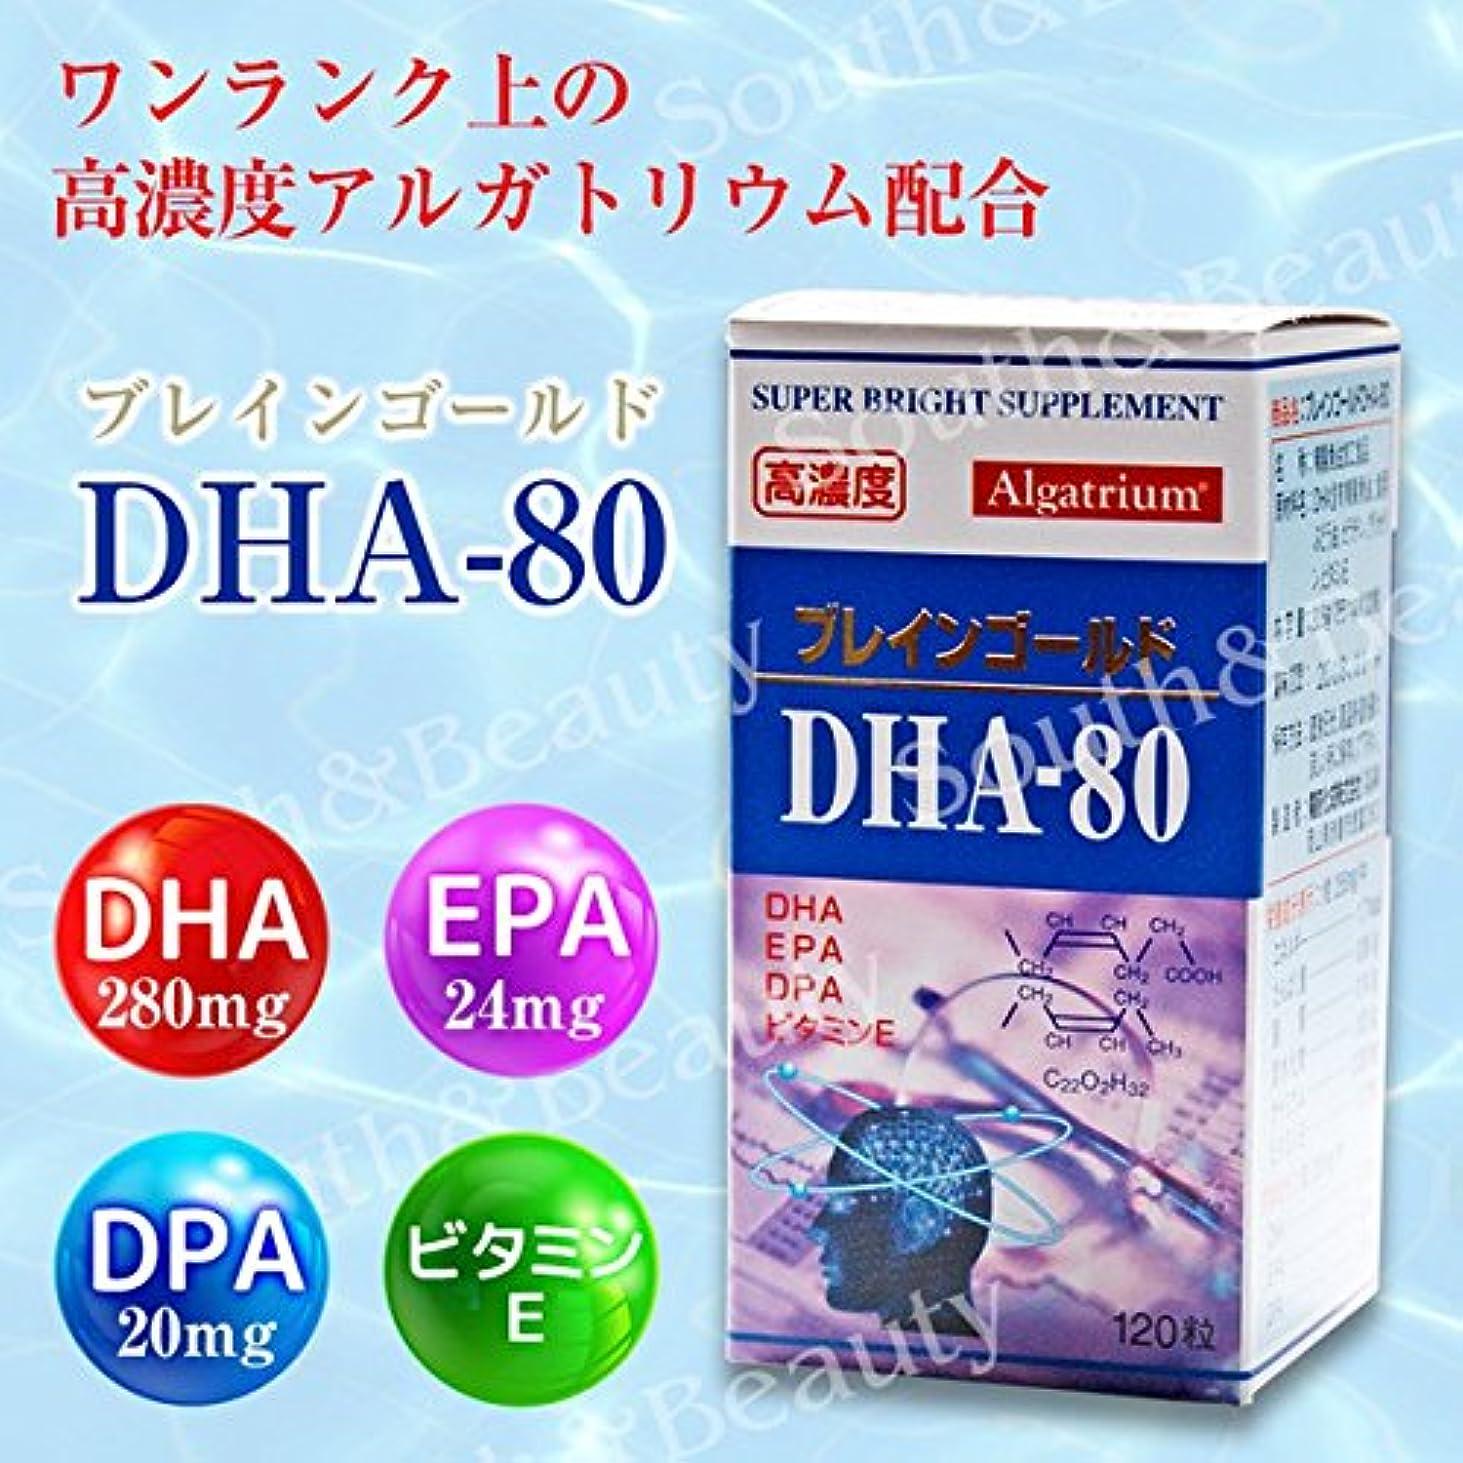 現実隠すカウントアップブレインゴールドDHA‐80